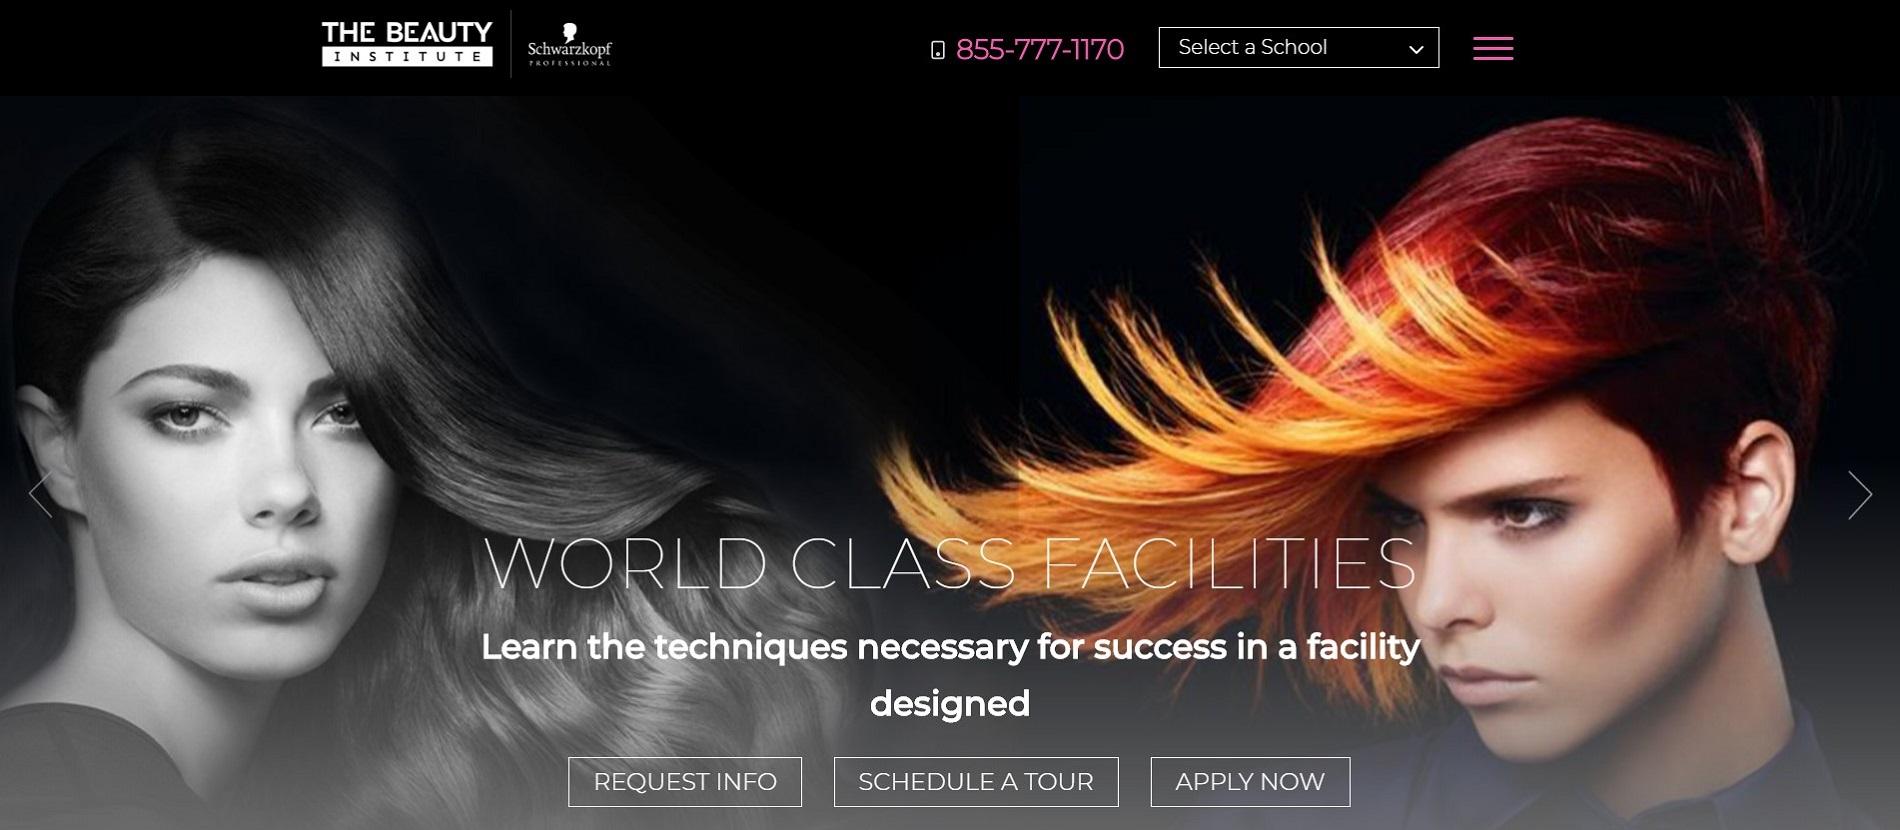 Thông tin tổng quan, khó khăn và kết quả đạt được của dự án The Beauty Institute